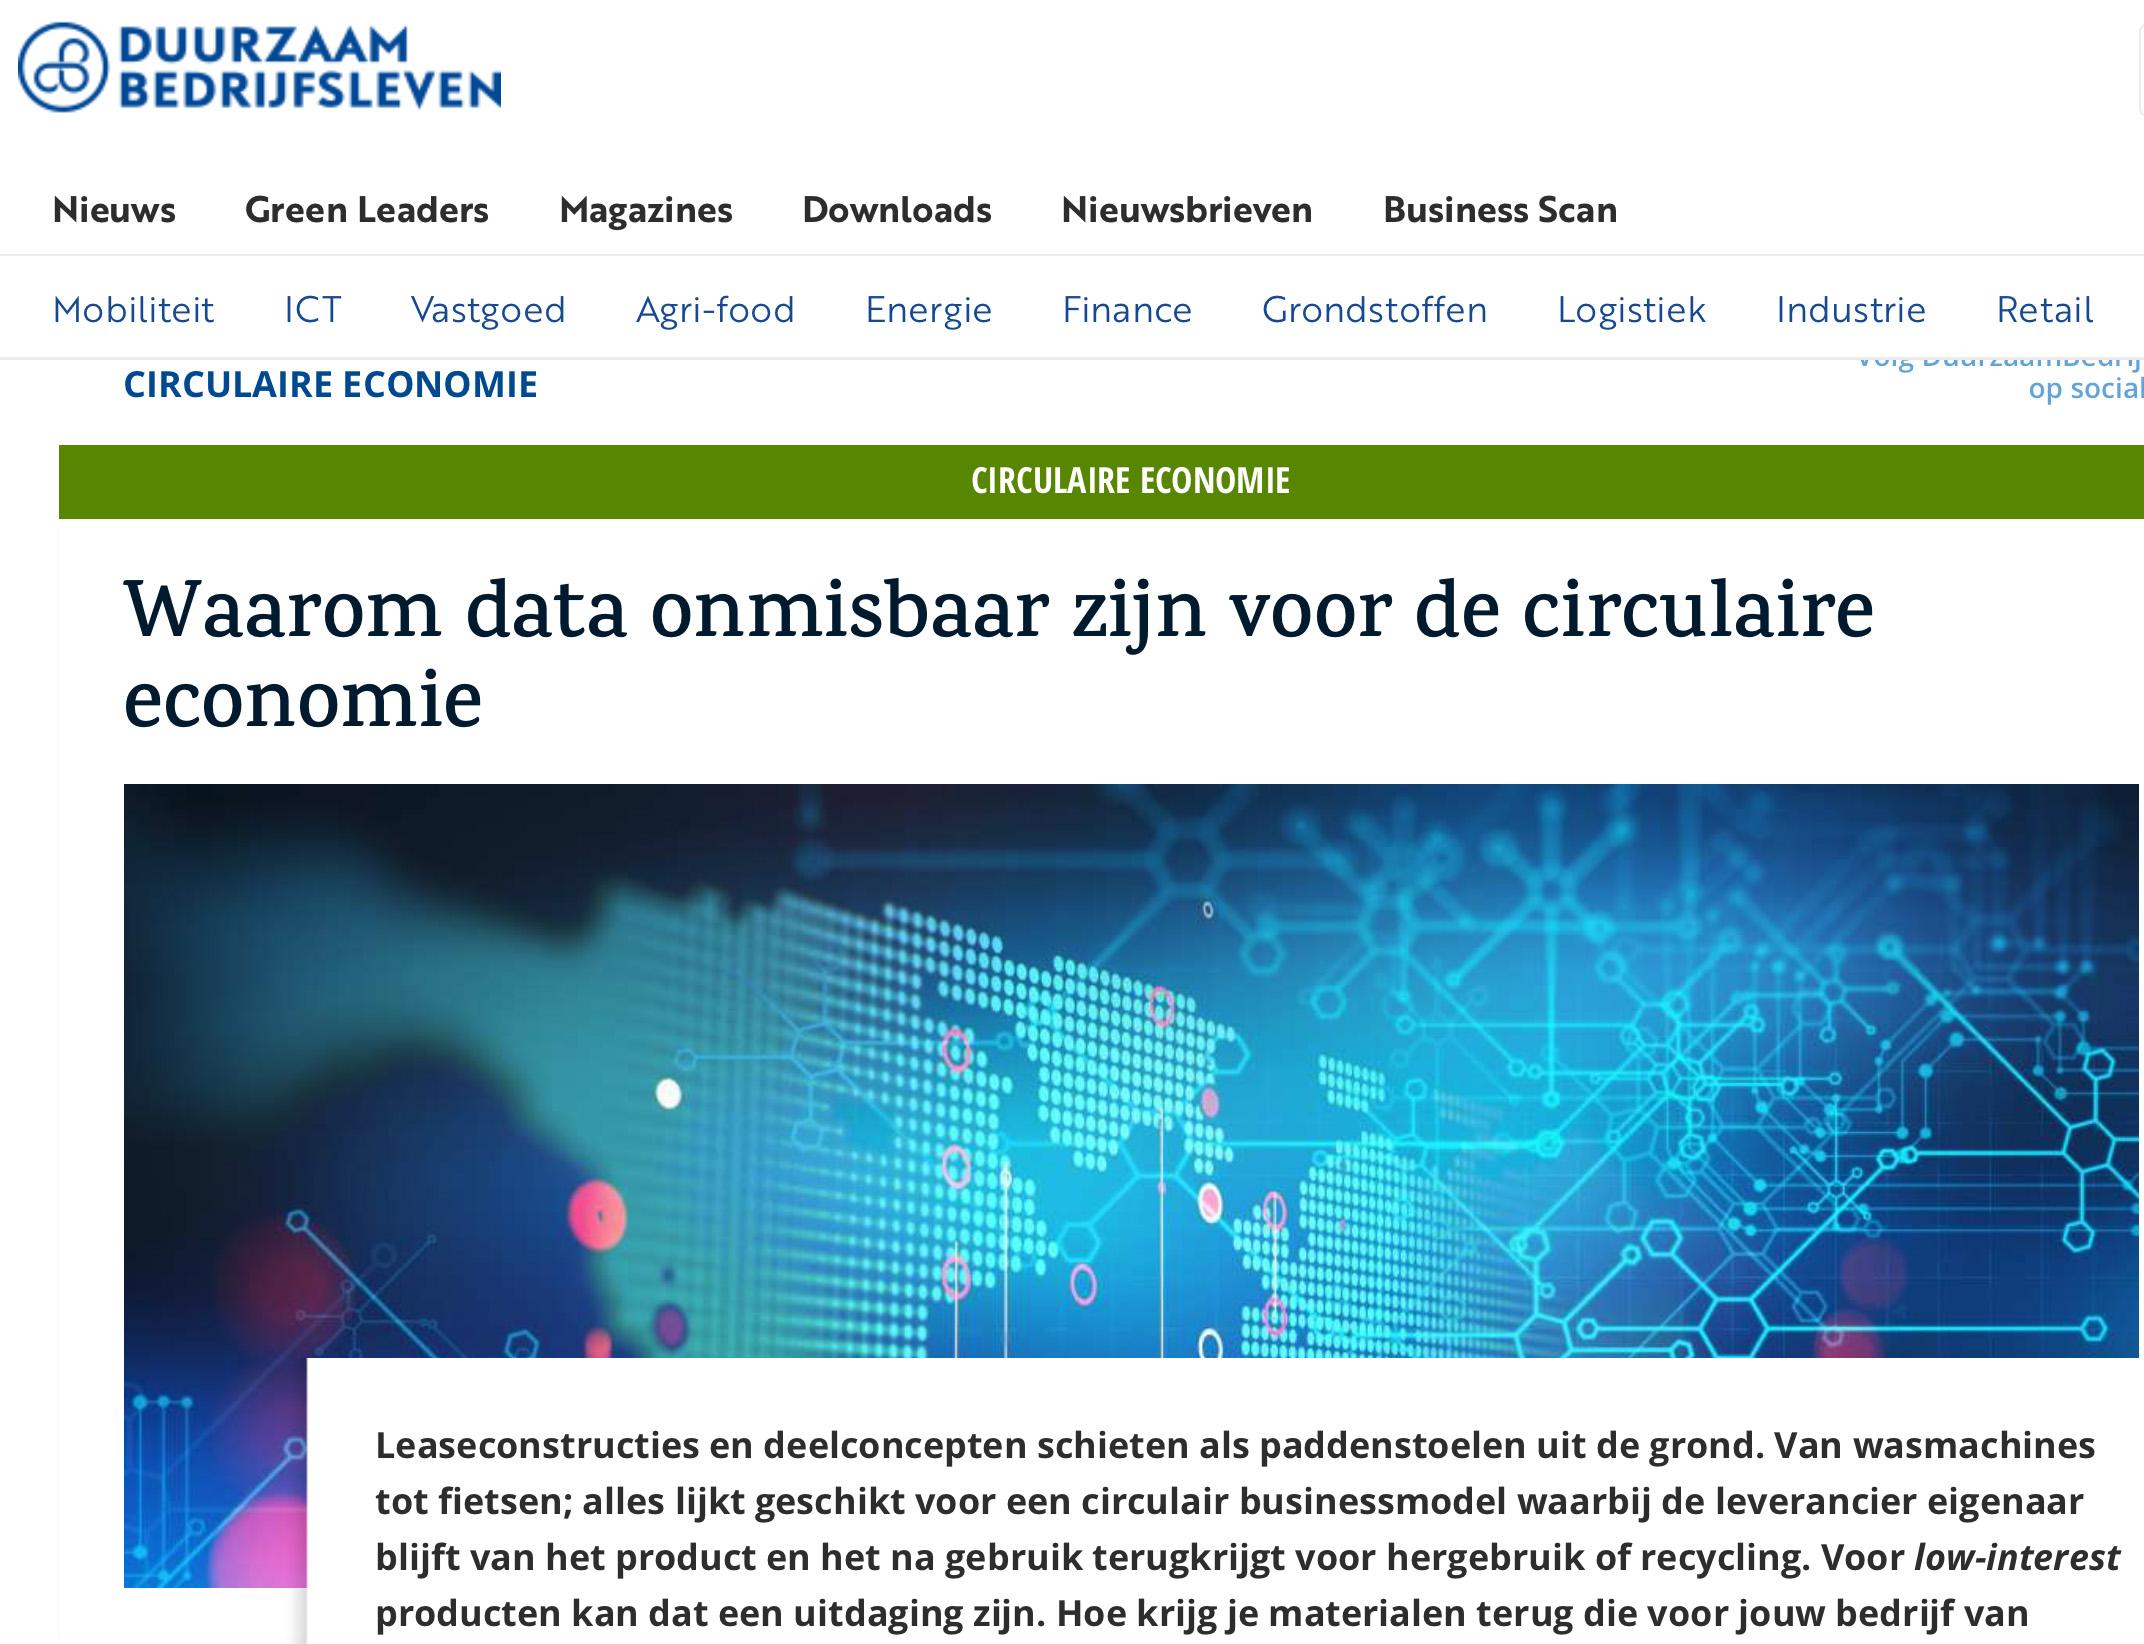 Waarom data onmisbaar is in de circulaire economie